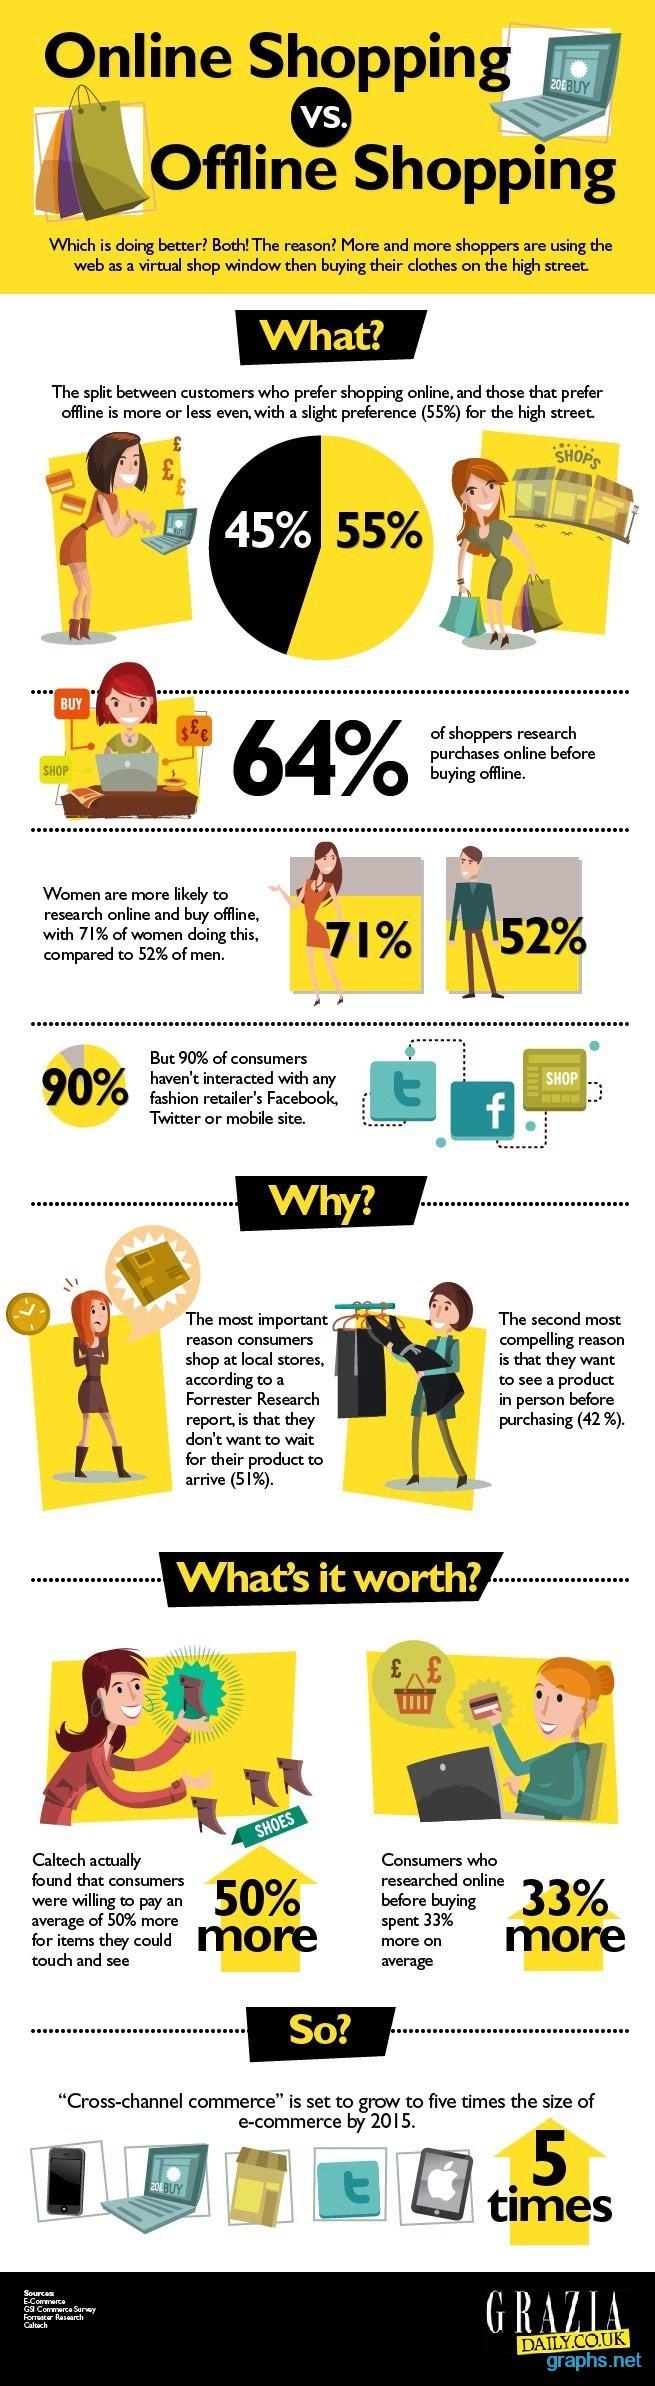 online vs offline shopping statistics